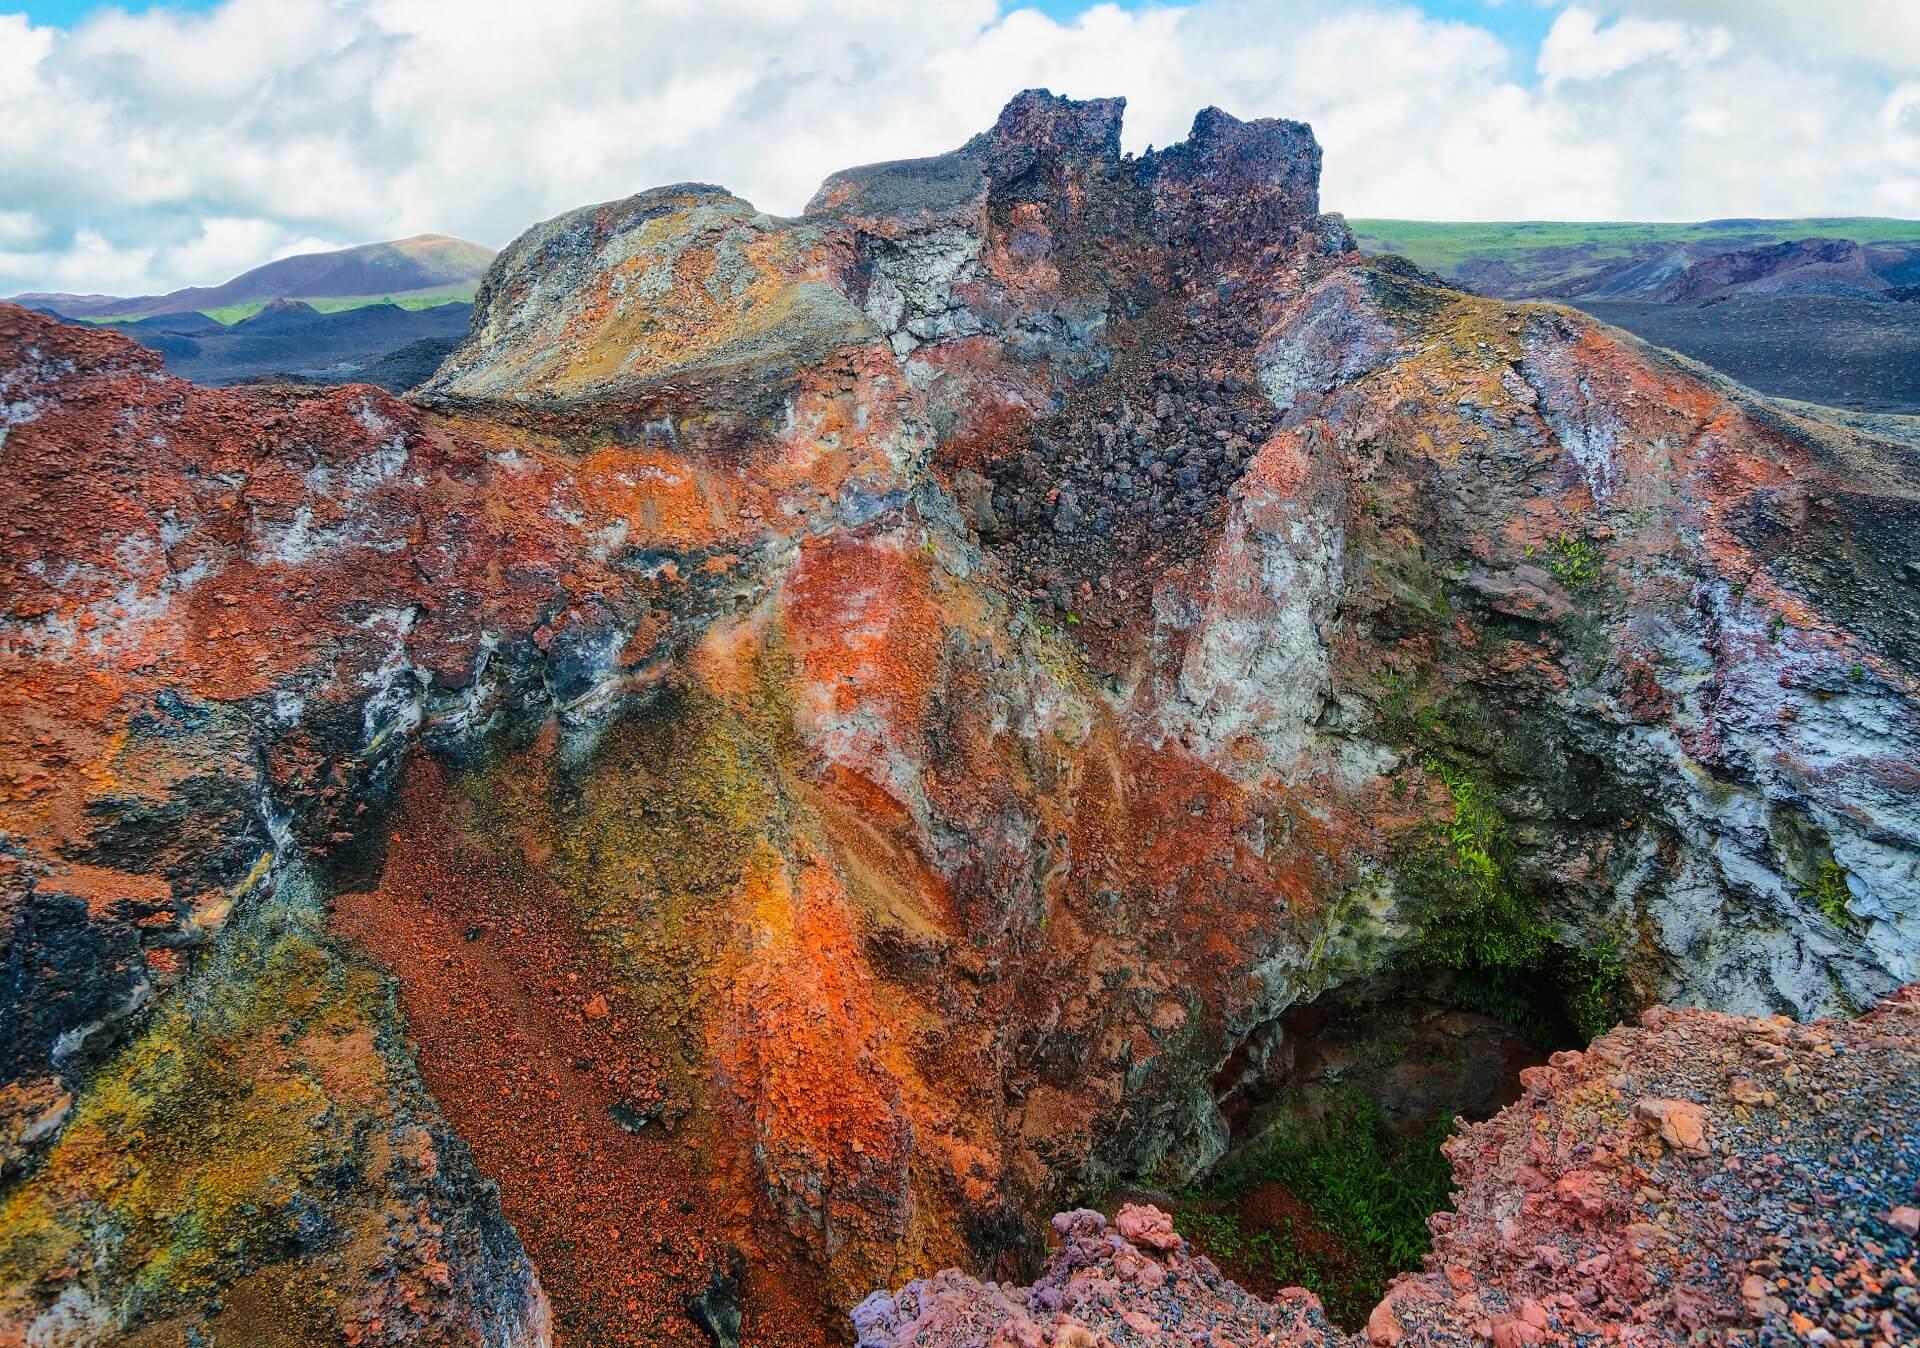 Der Vulkan Sierra Negra auf den Galapagosinseln